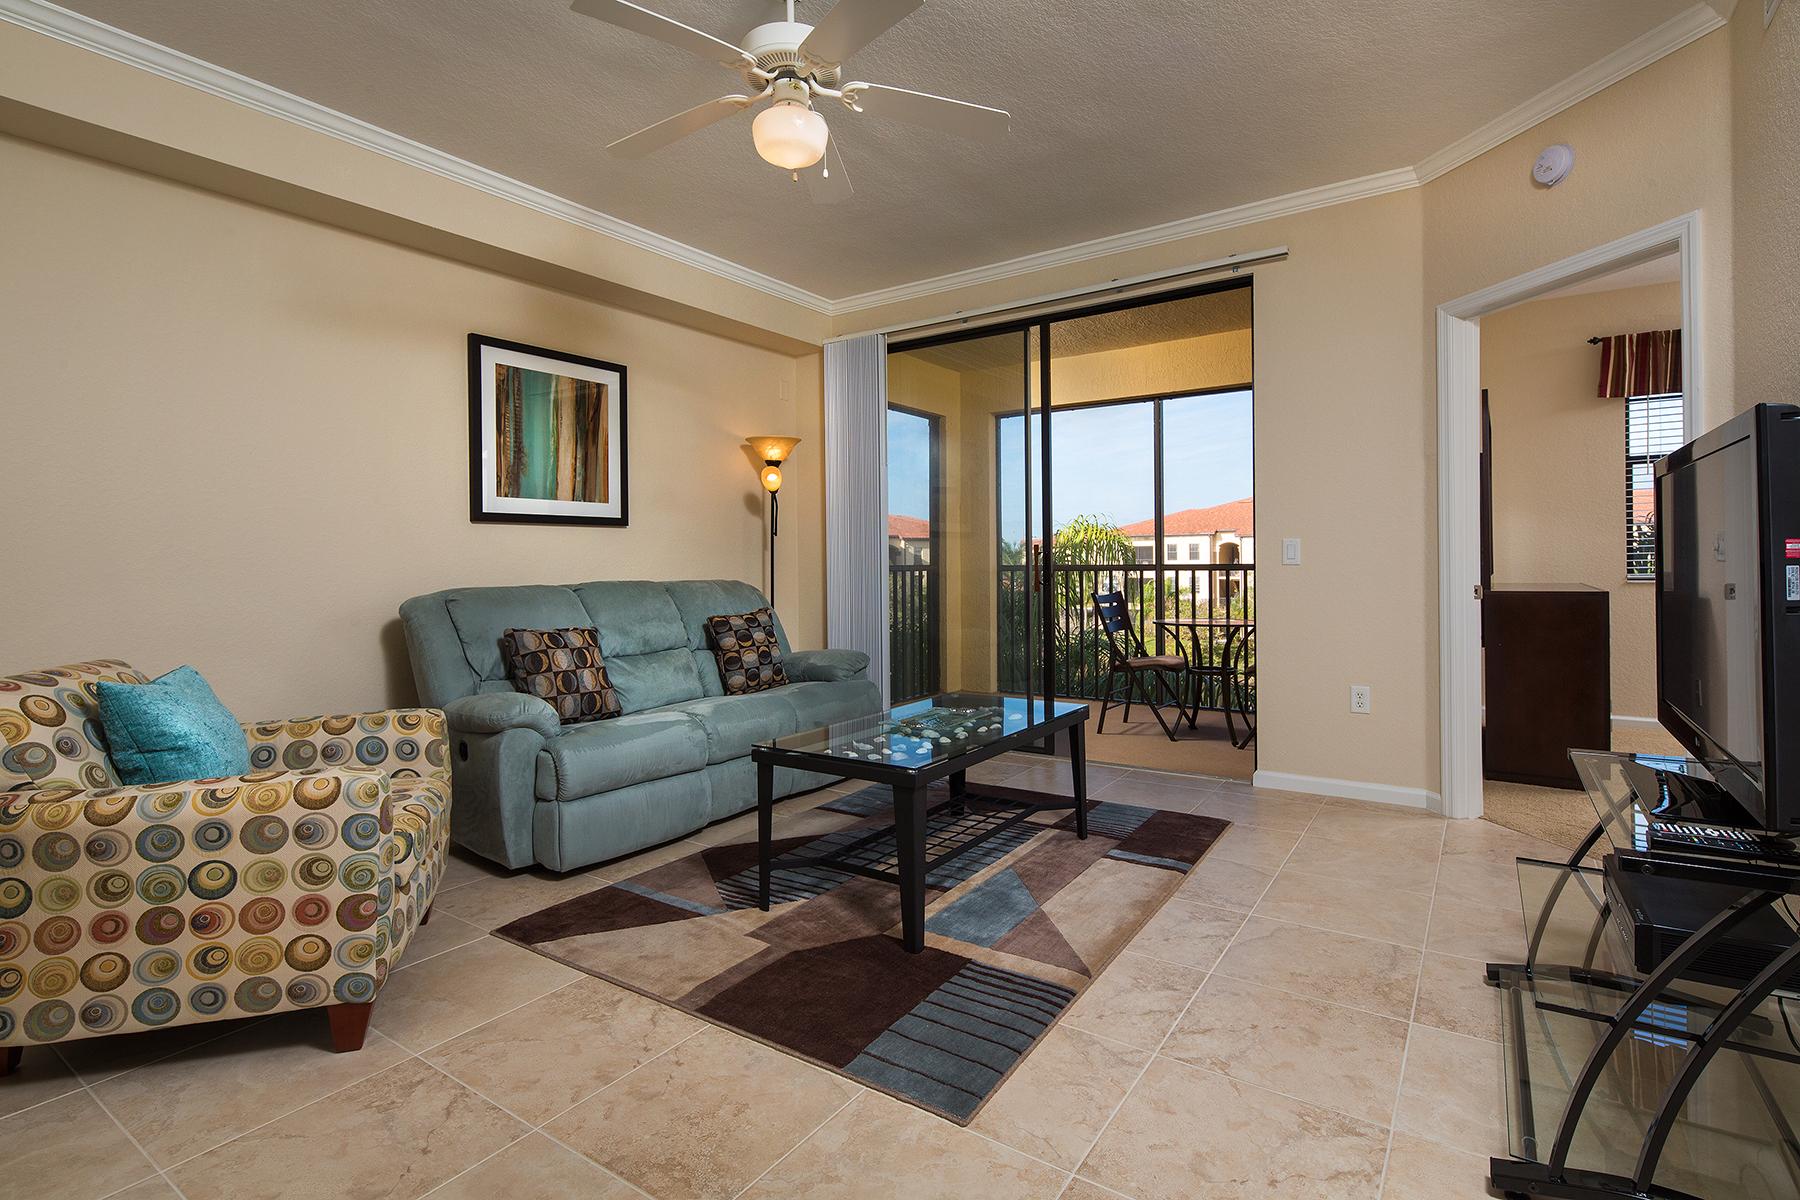 Condominium for Sale at Naples 12960 Positano Cir 306, Naples, Florida, 34105 United States